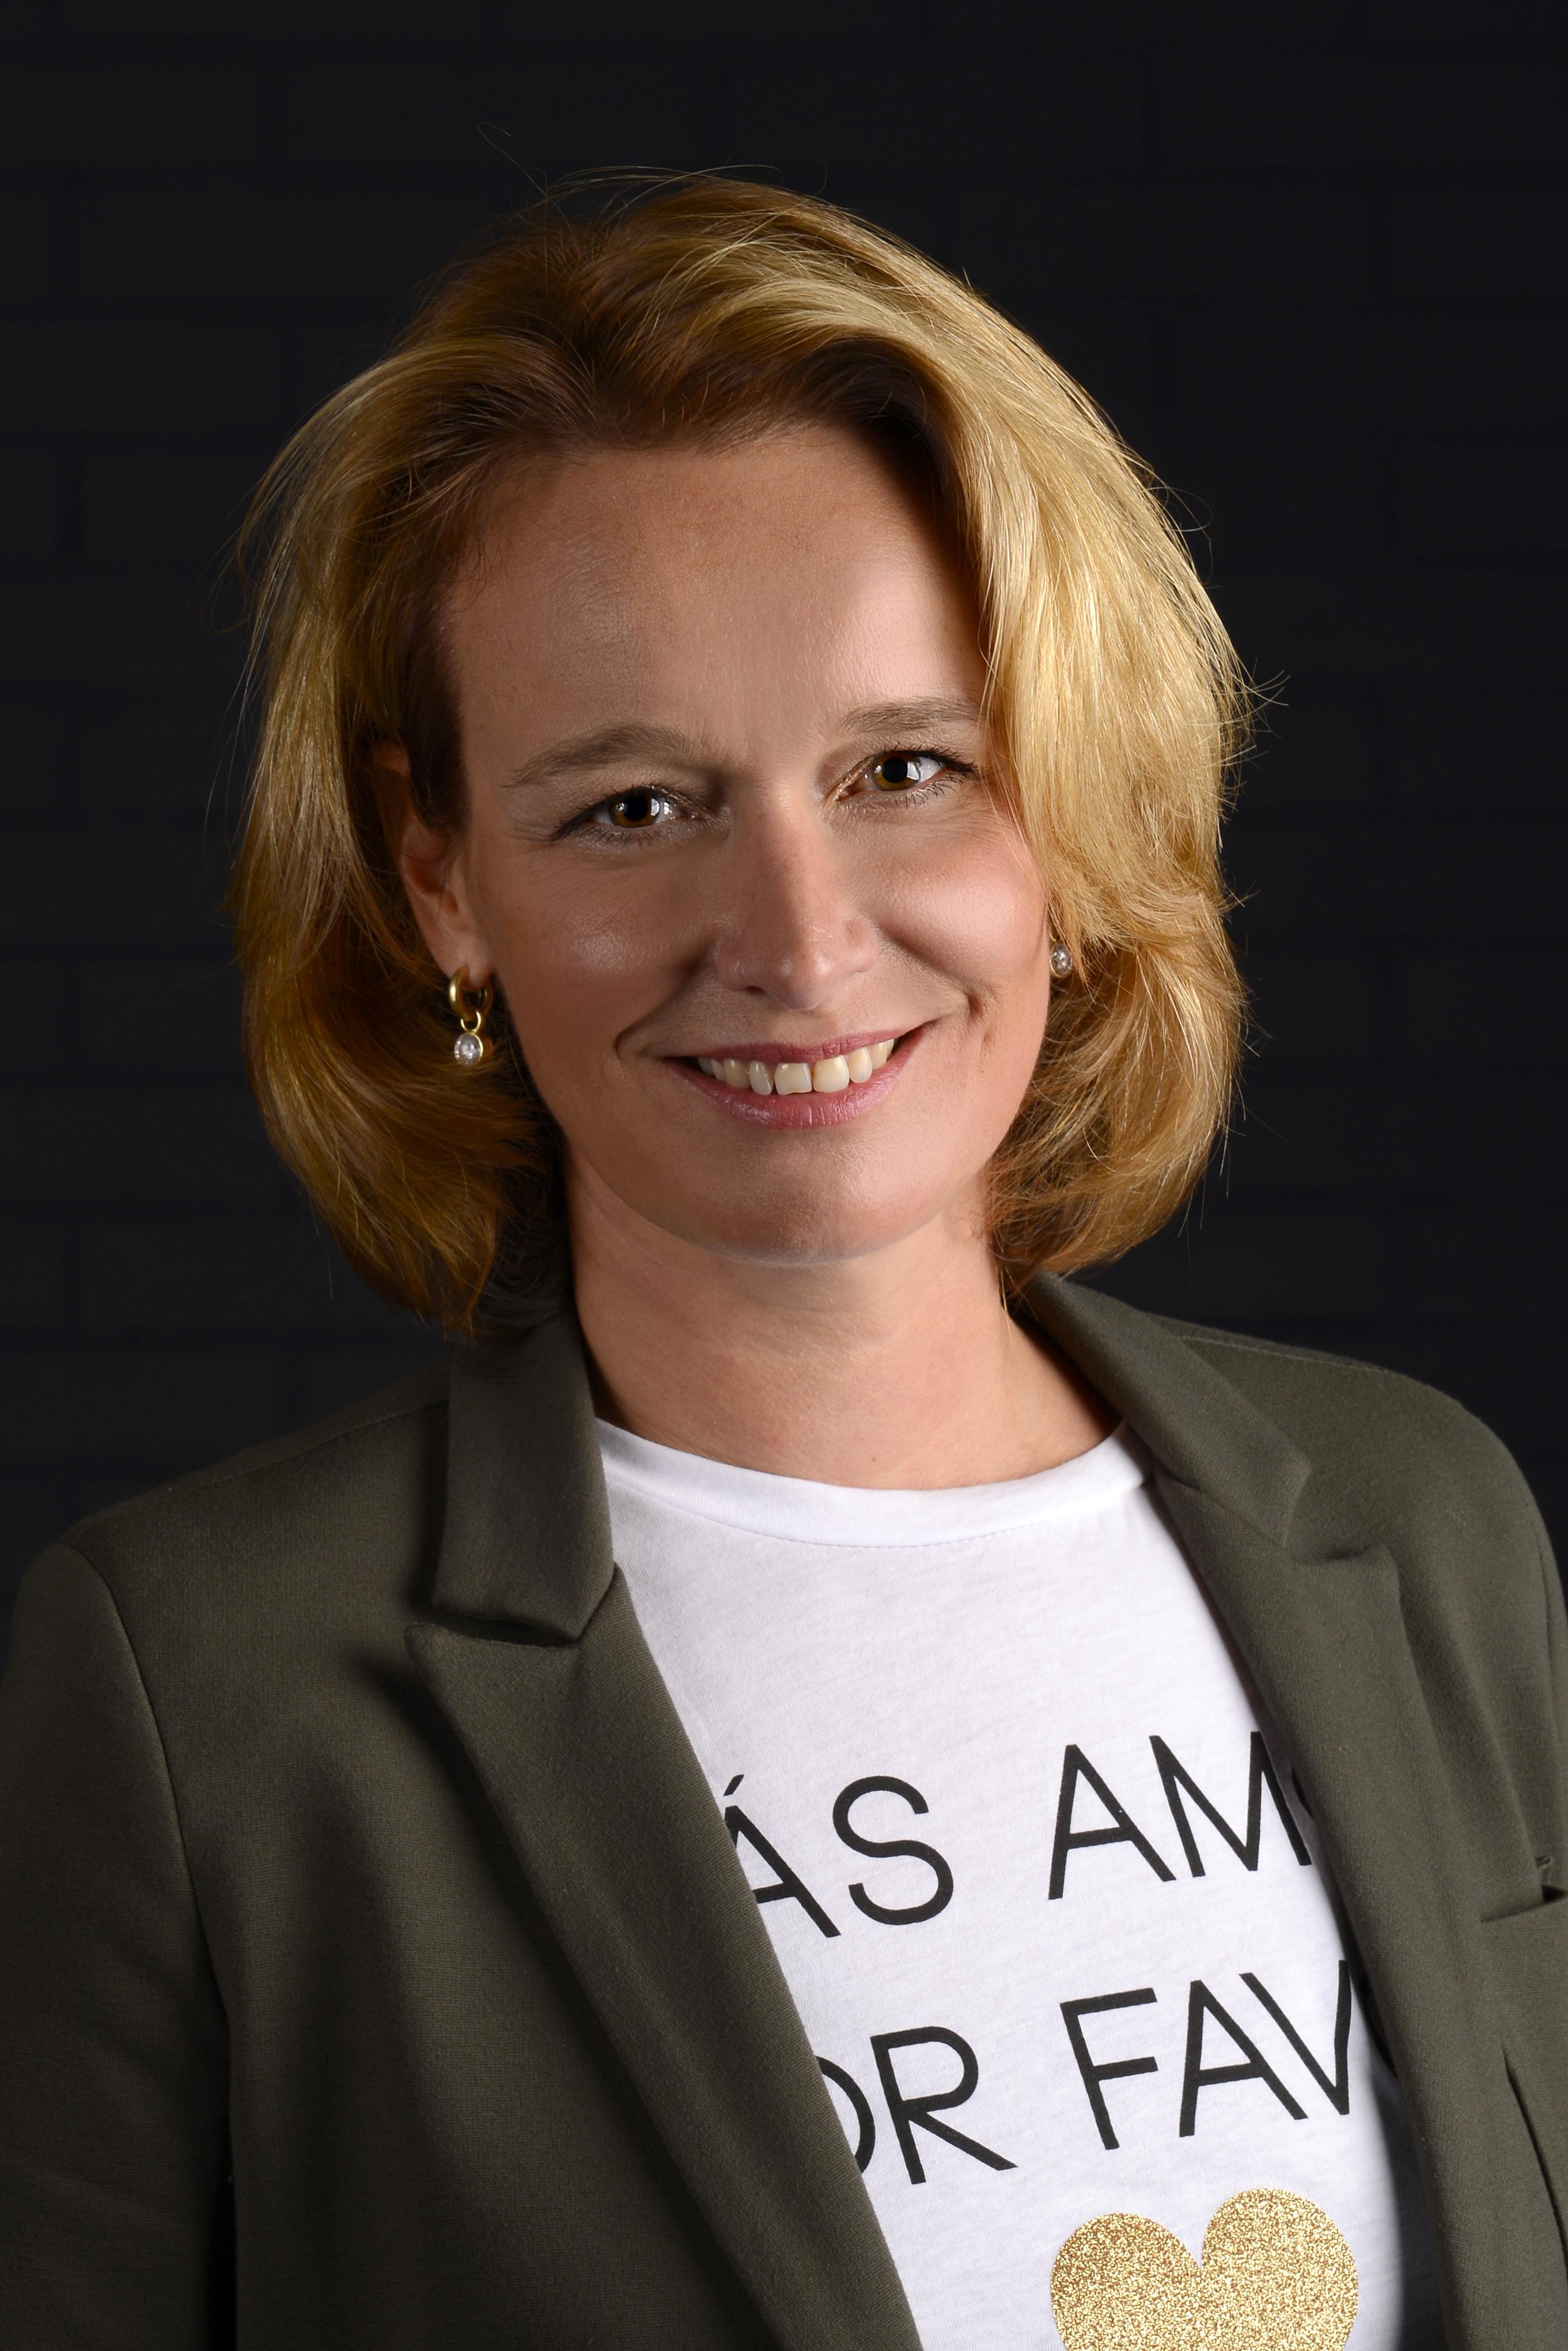 Annette Van Vliet